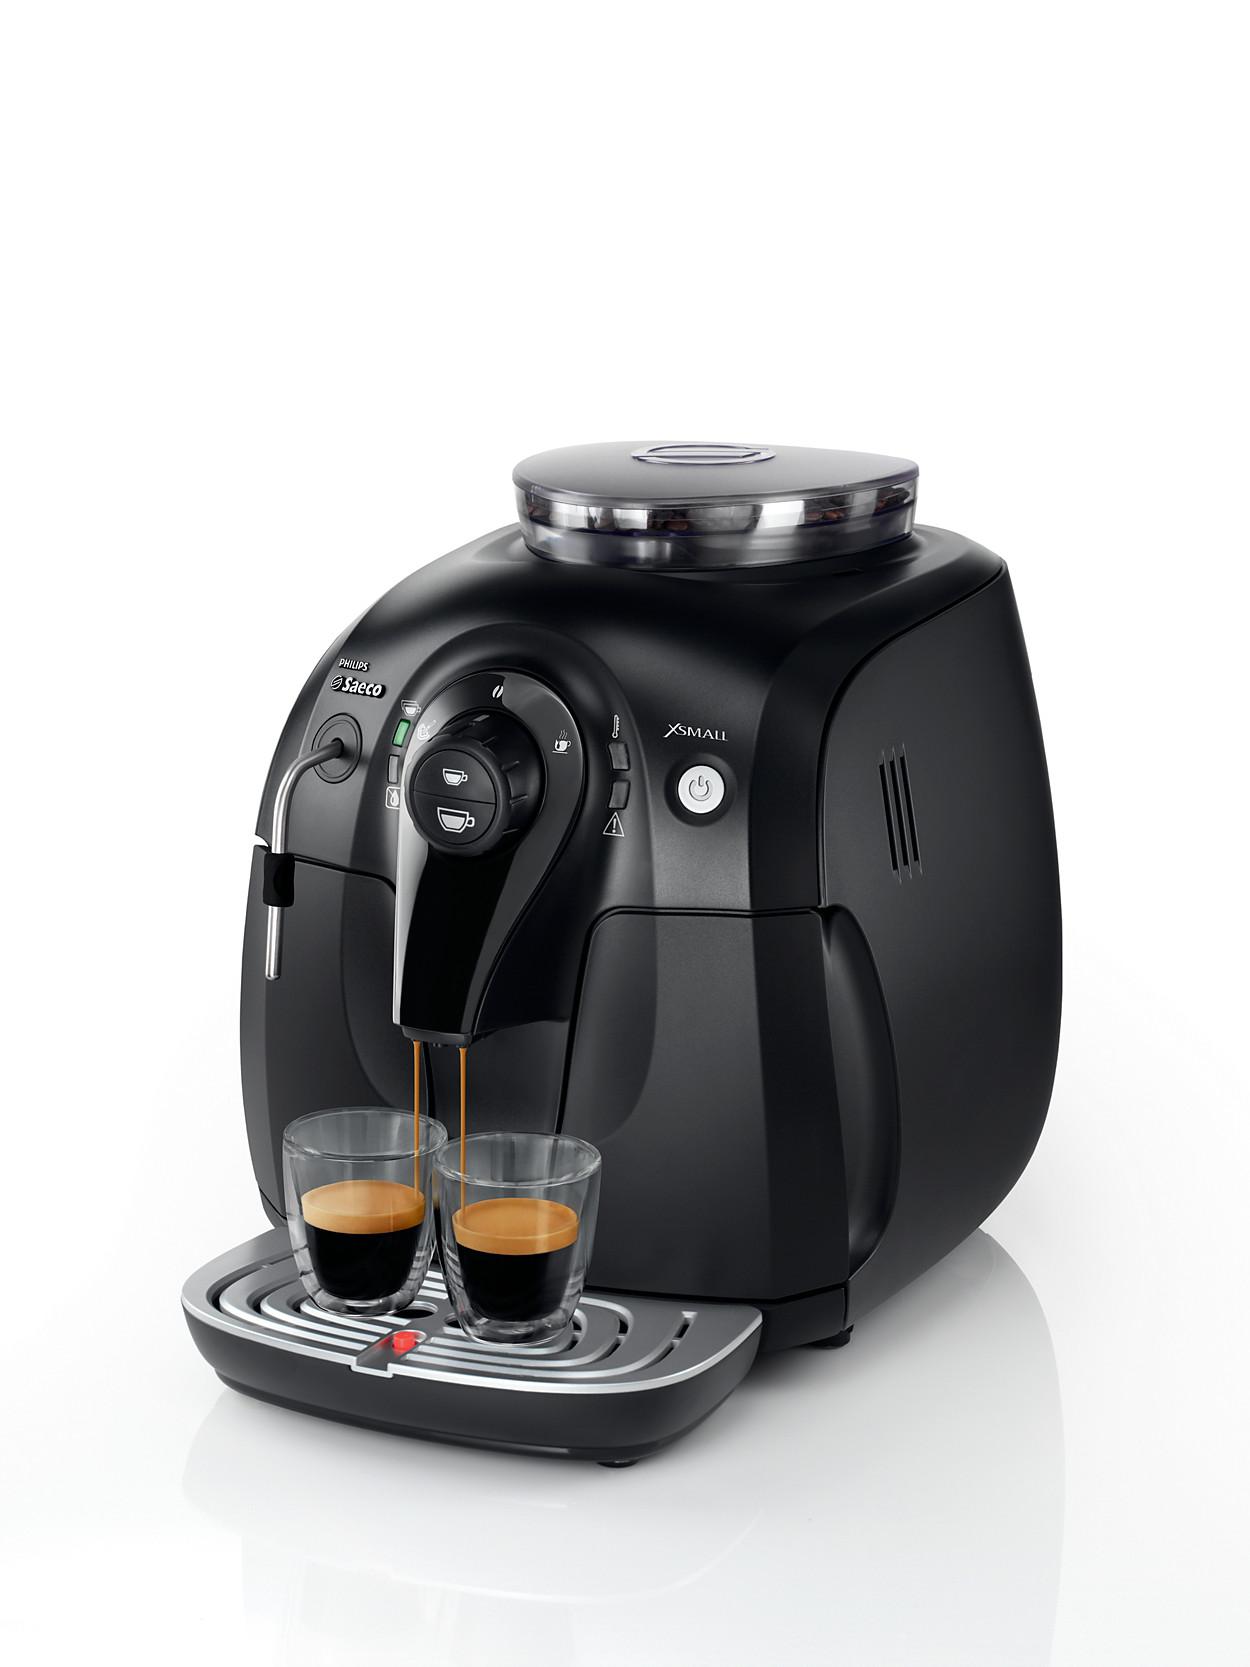 xsmall super automatic espresso machine hd8743 11 saeco. Black Bedroom Furniture Sets. Home Design Ideas